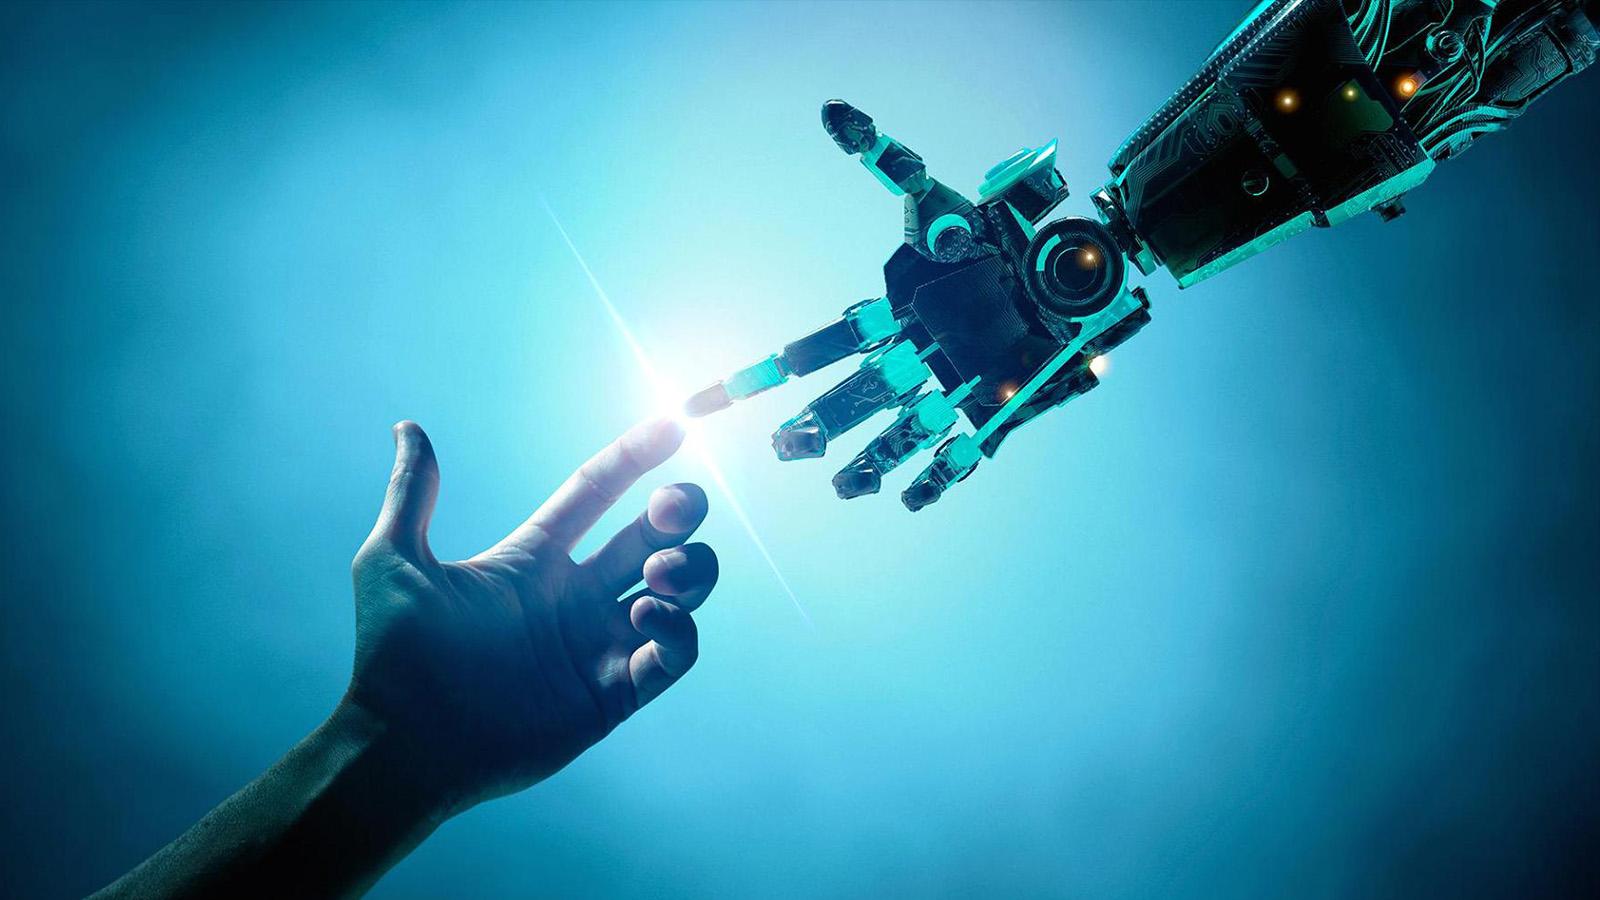 Ключевые тренды и технологии для ритейла в 2019 году